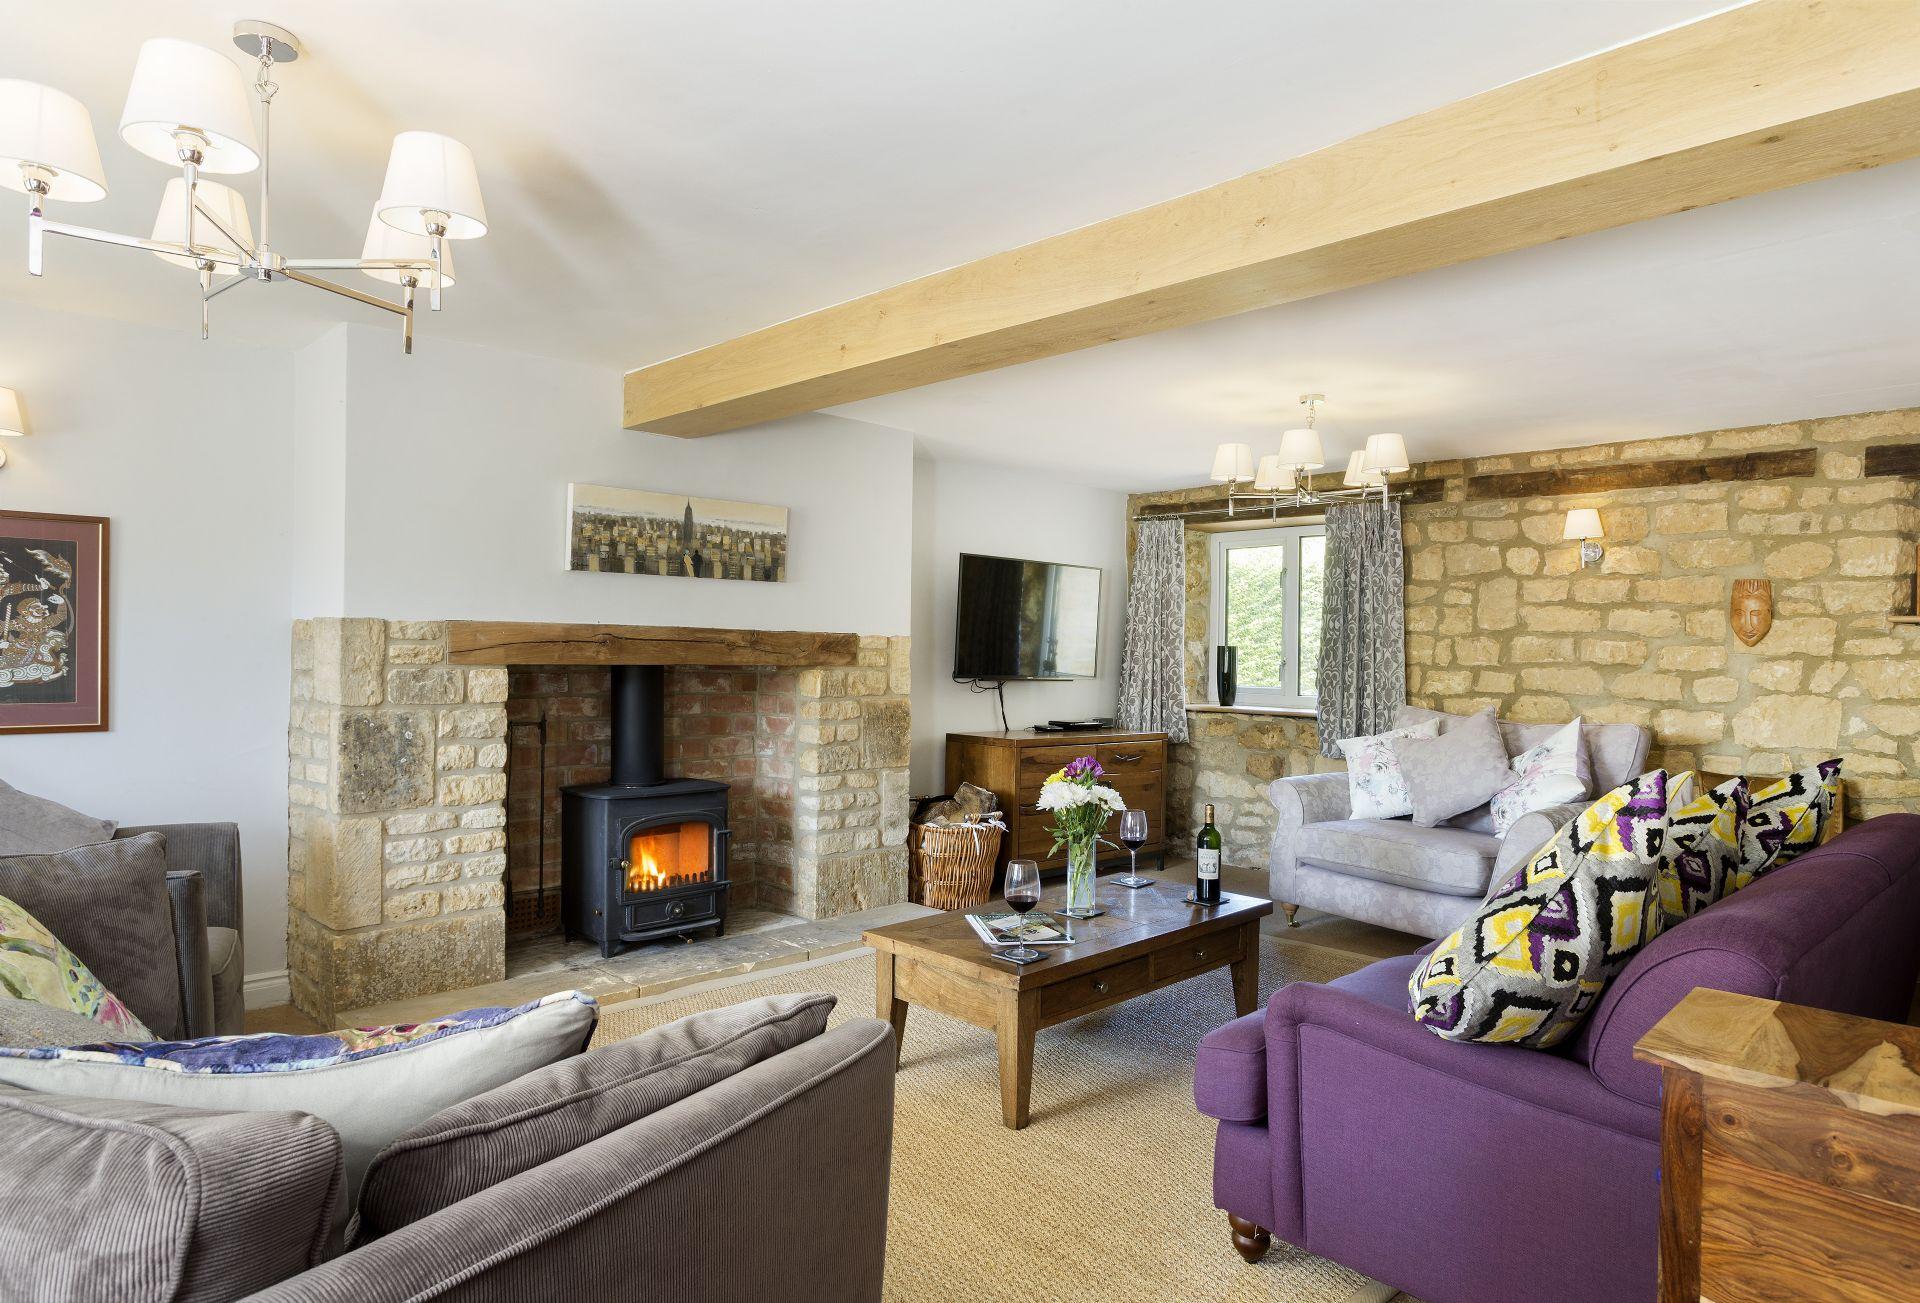 Millstone Cottage sleeps 11